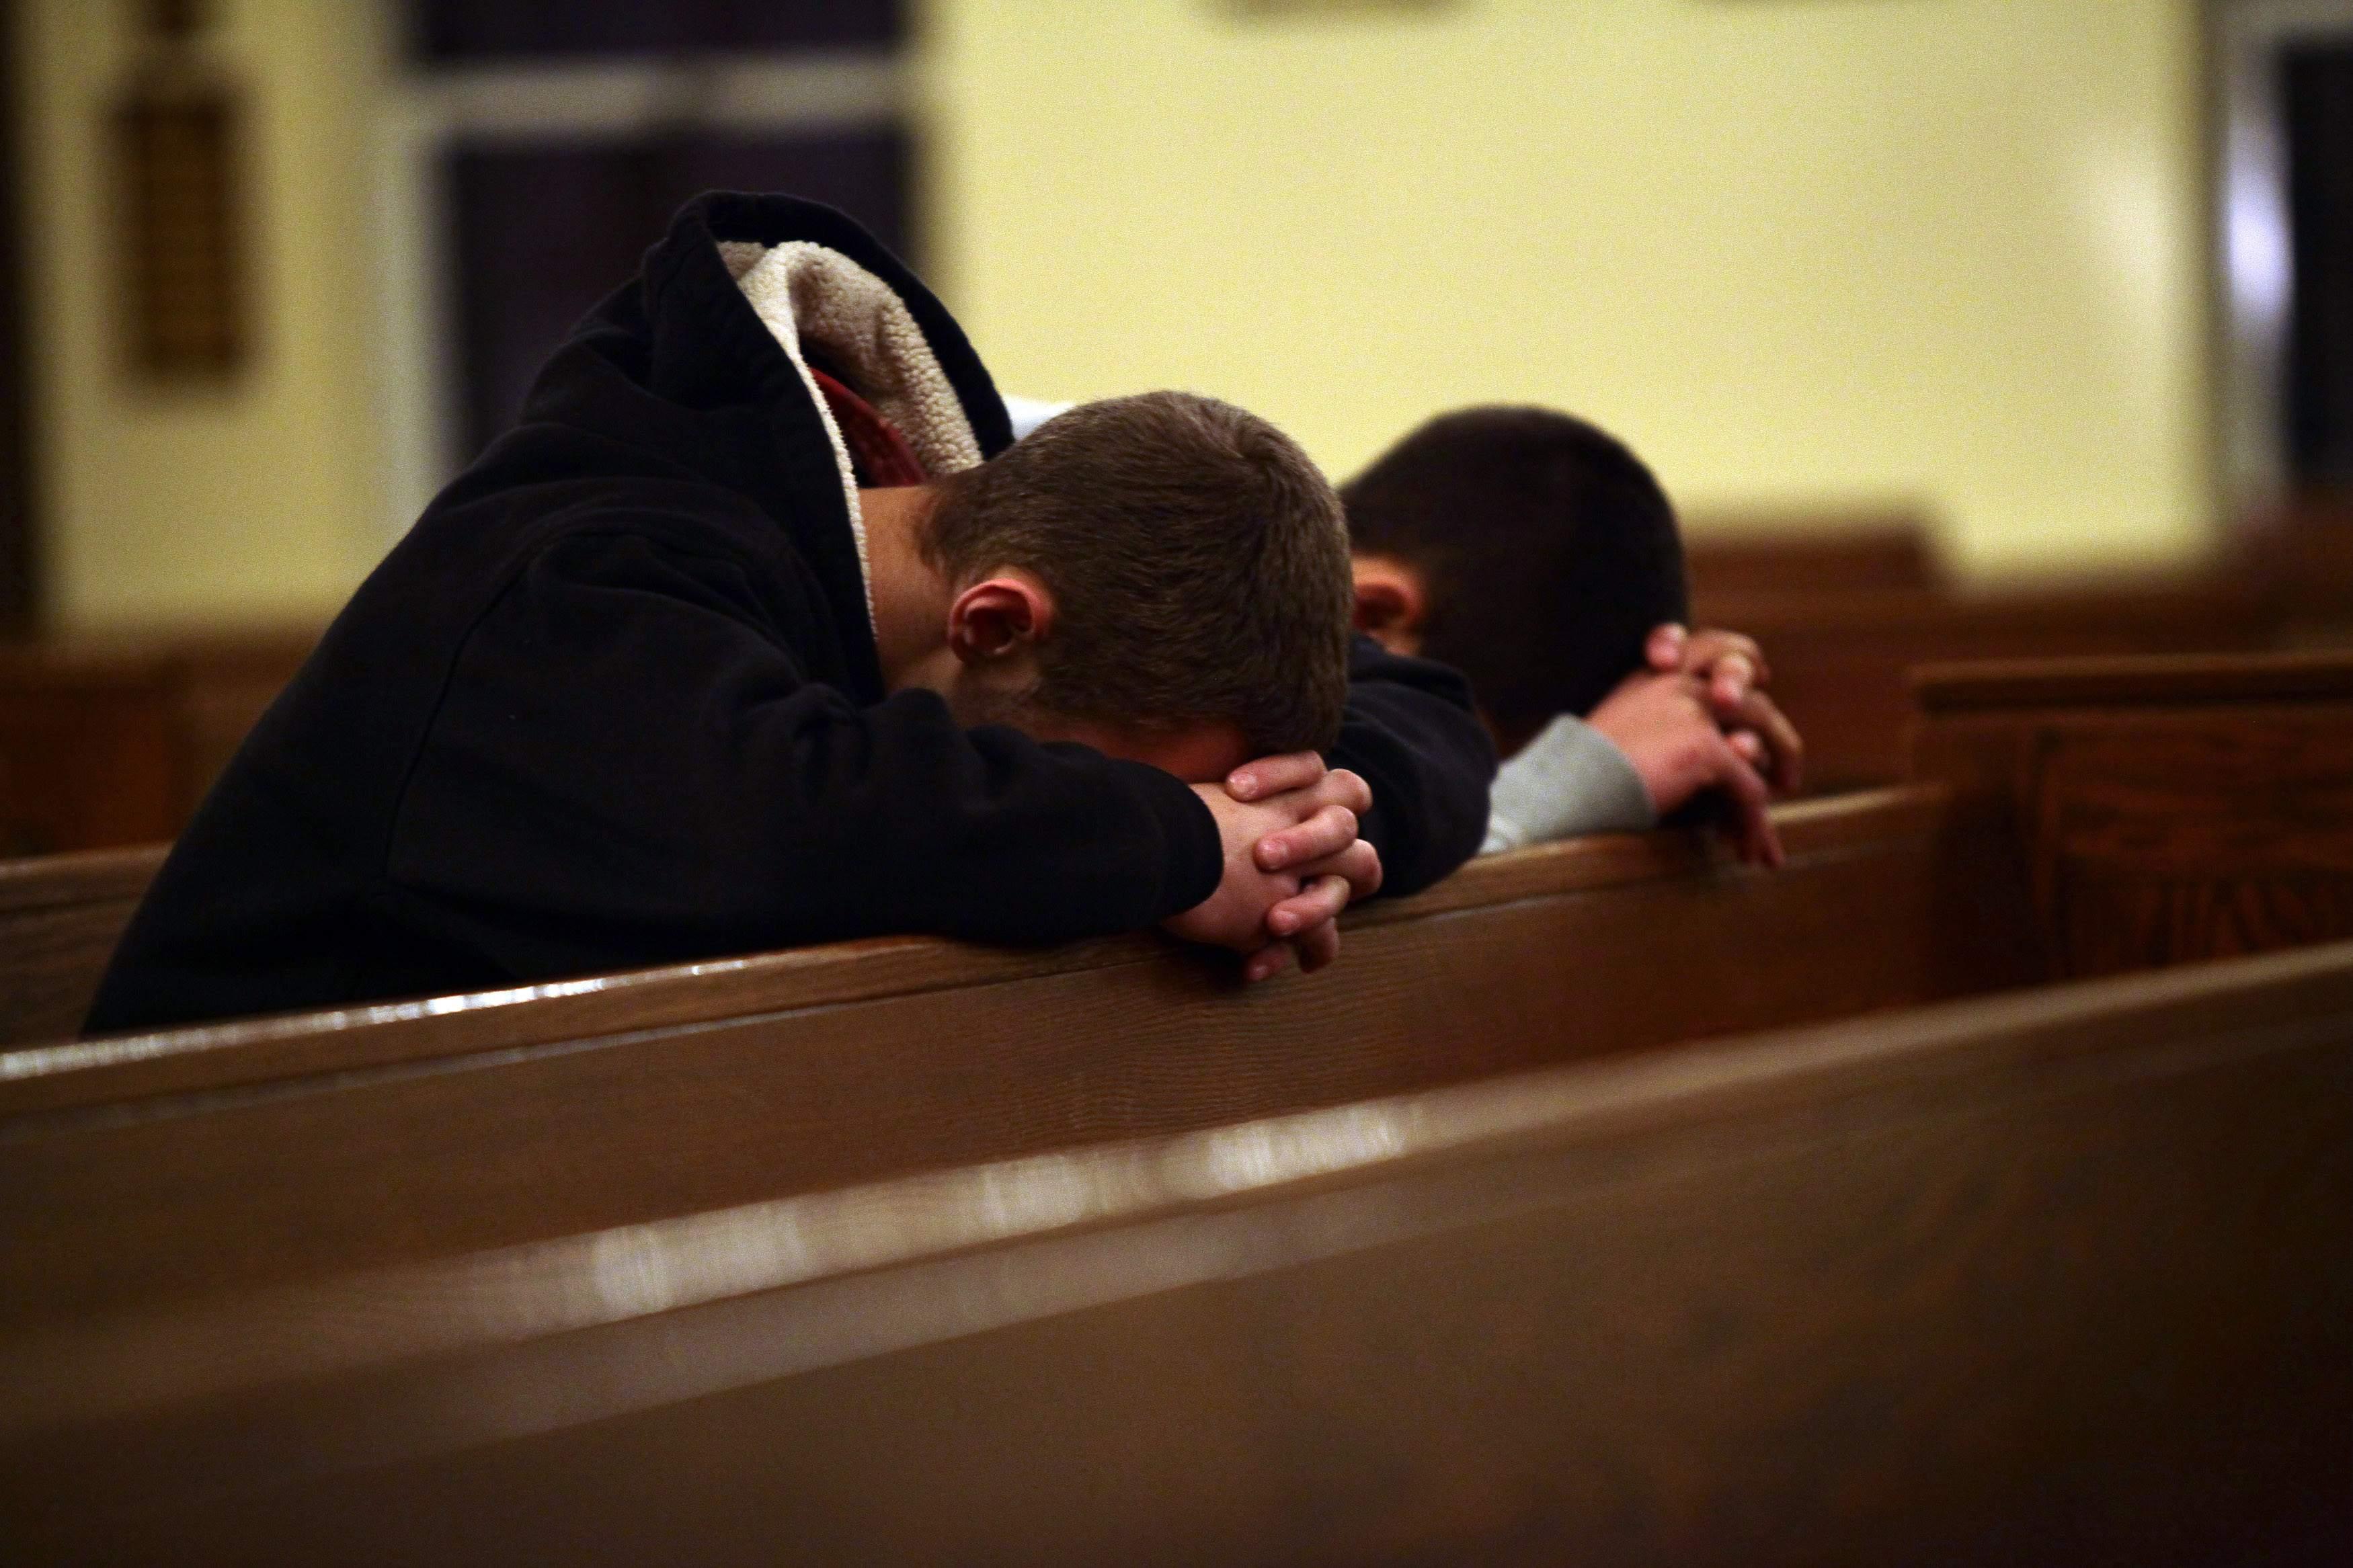 church offering prayer - HD1247×794